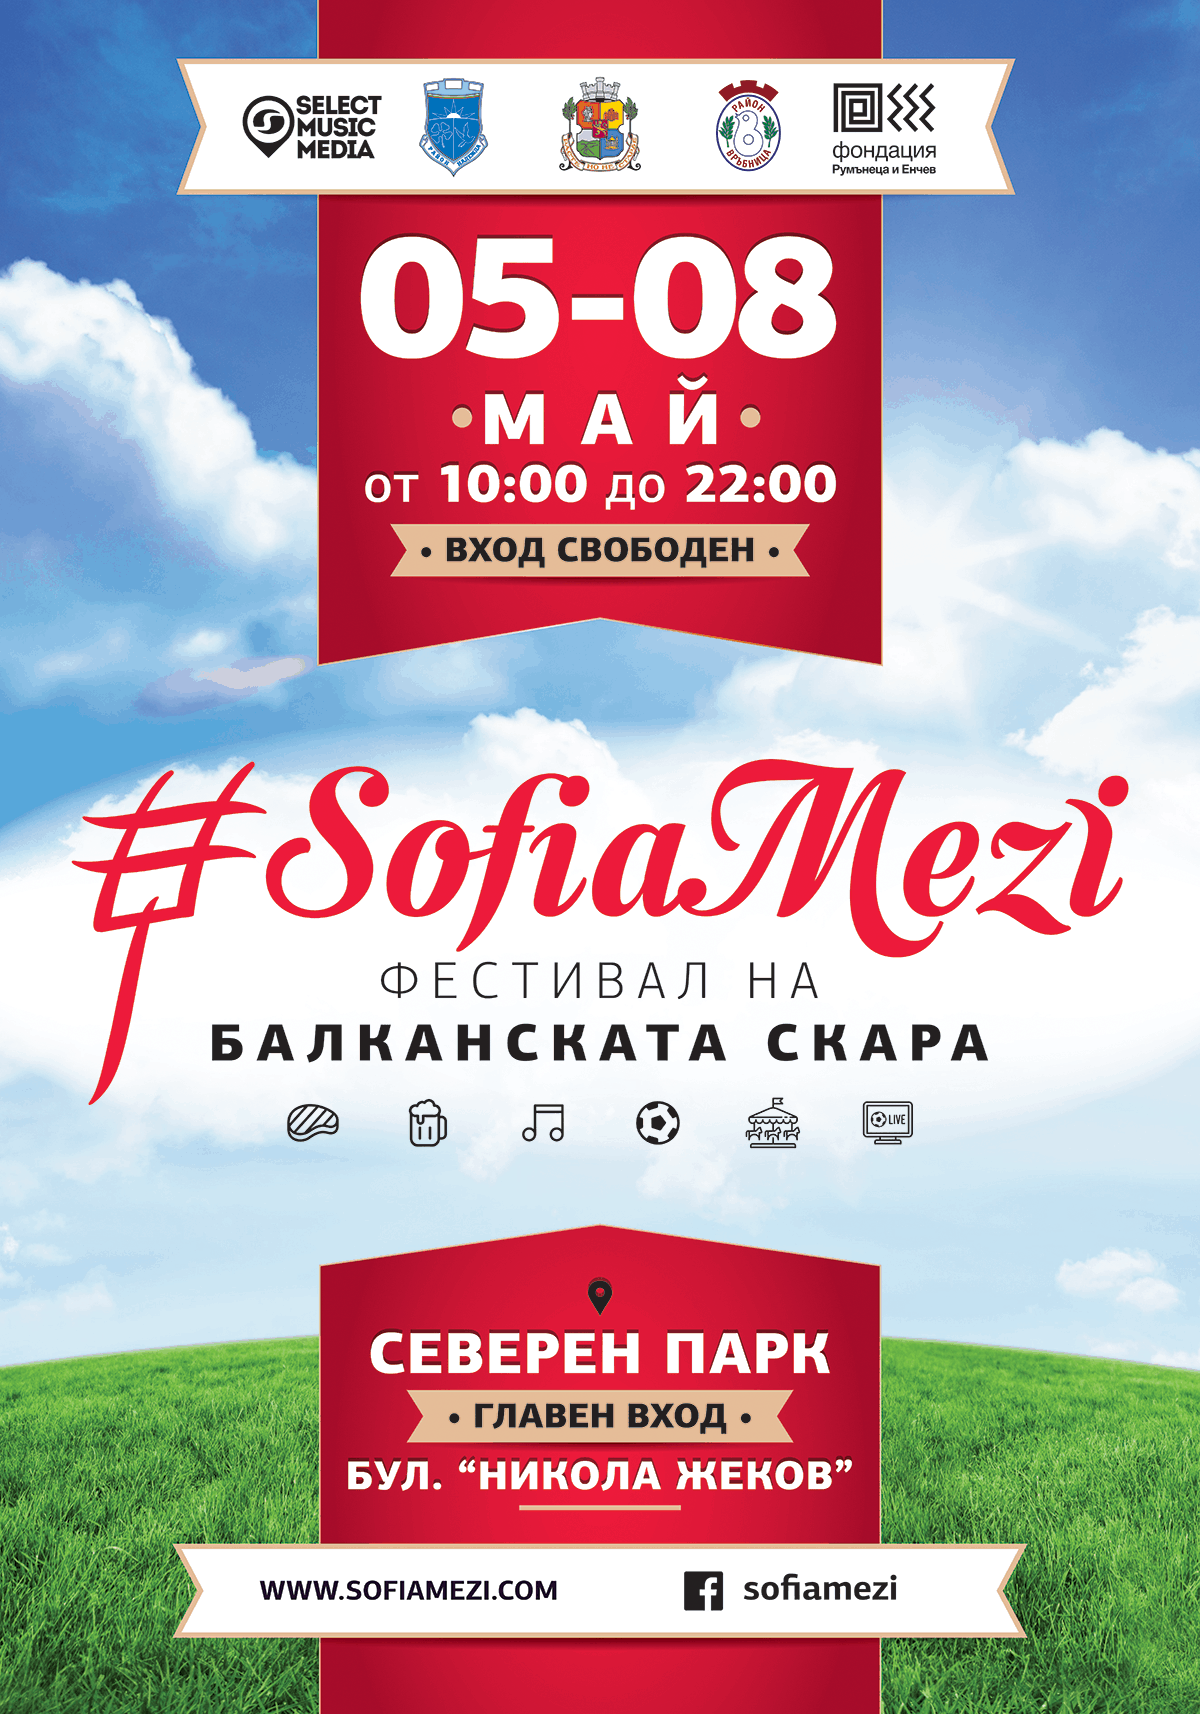 лого и плакат дизайн и брандинг на фестивал софия мези от Muse Creativity